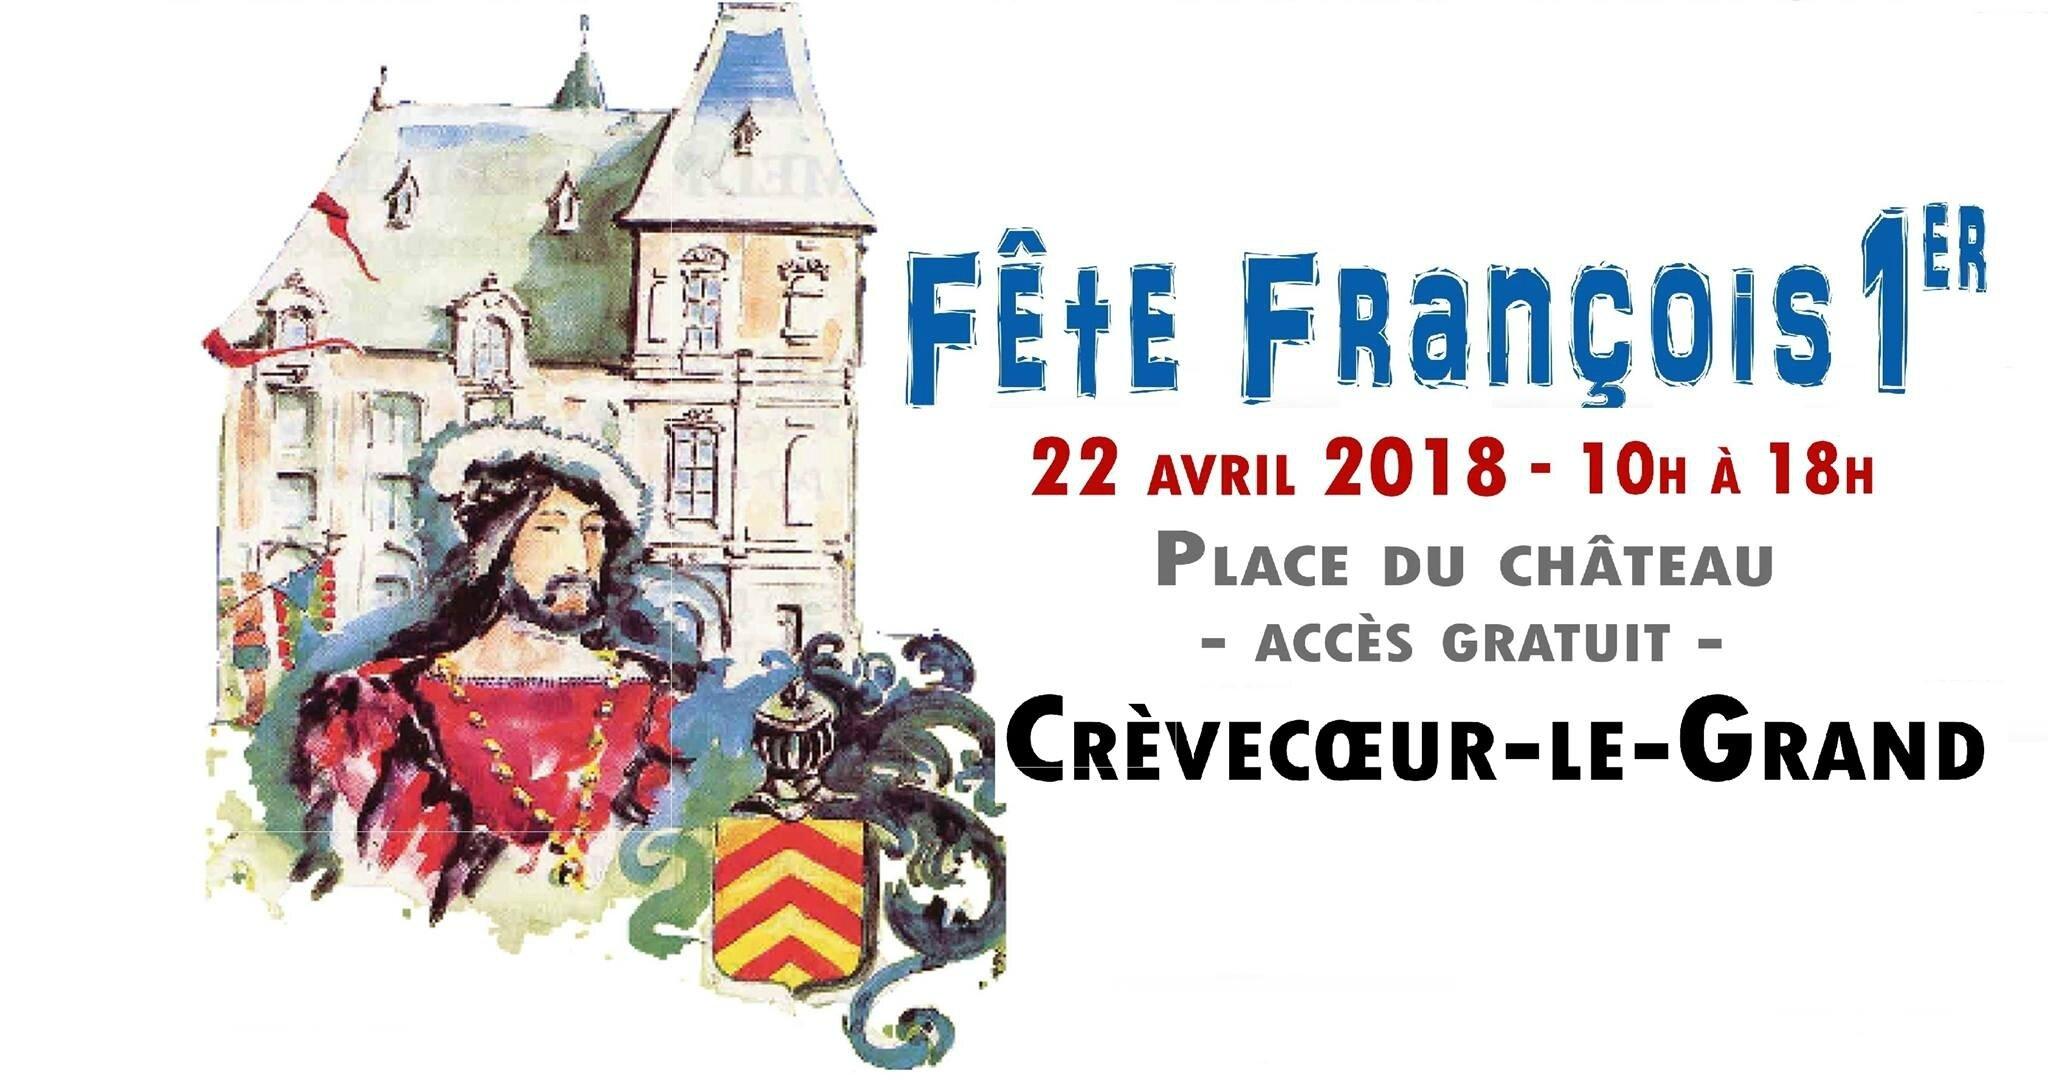 CREVECOEUR LE GRAND LE 22 AVRIL 2018